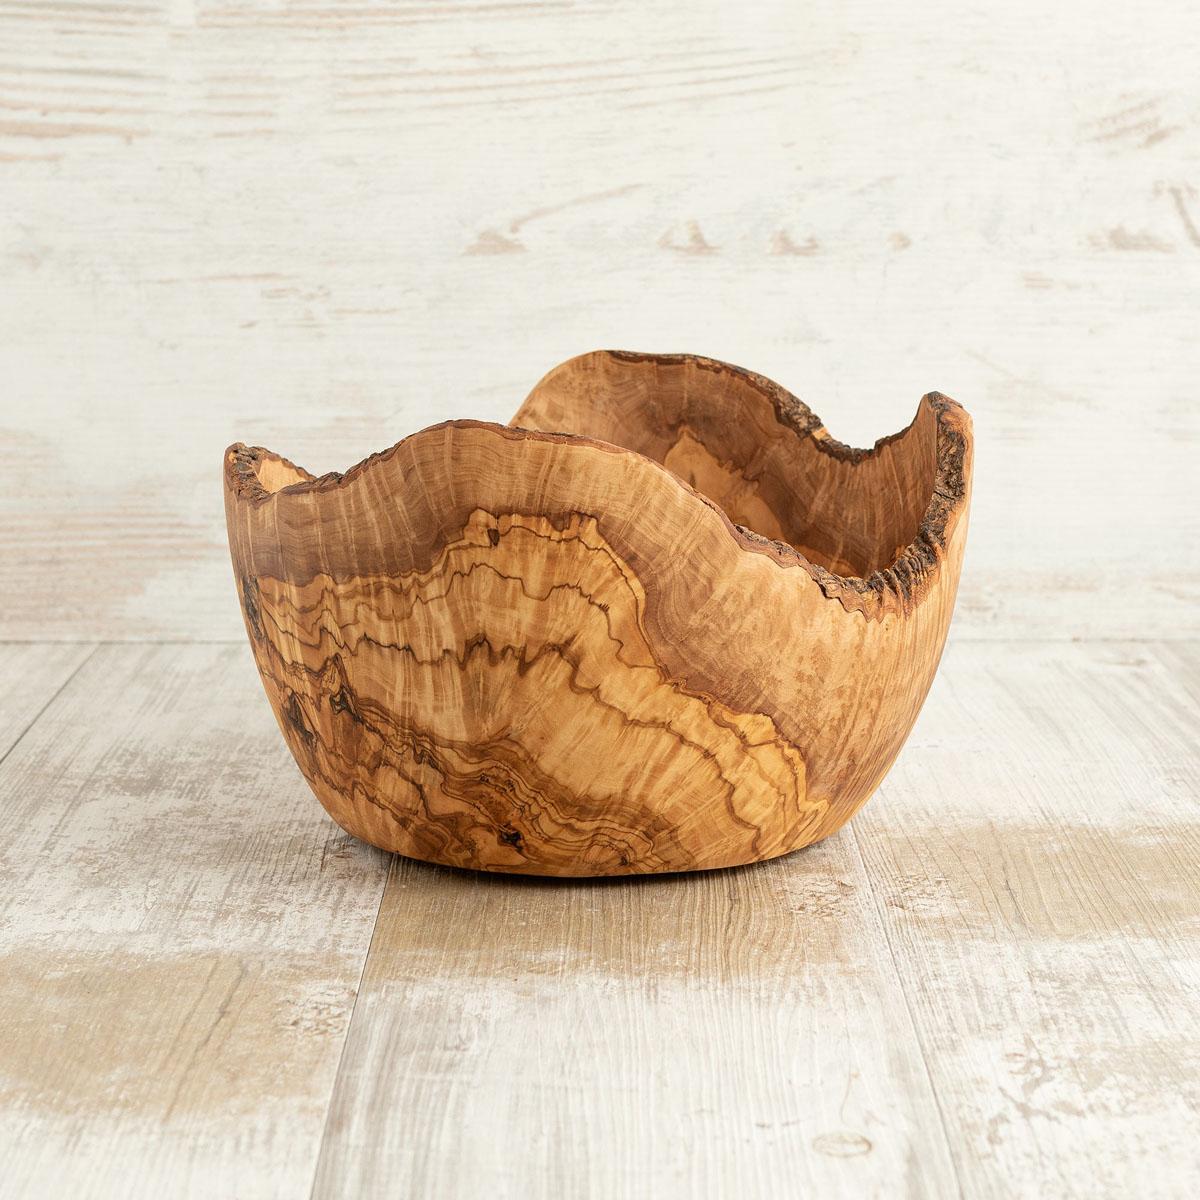 Ciotola Rustica in legno di ulivo - Arte Legno